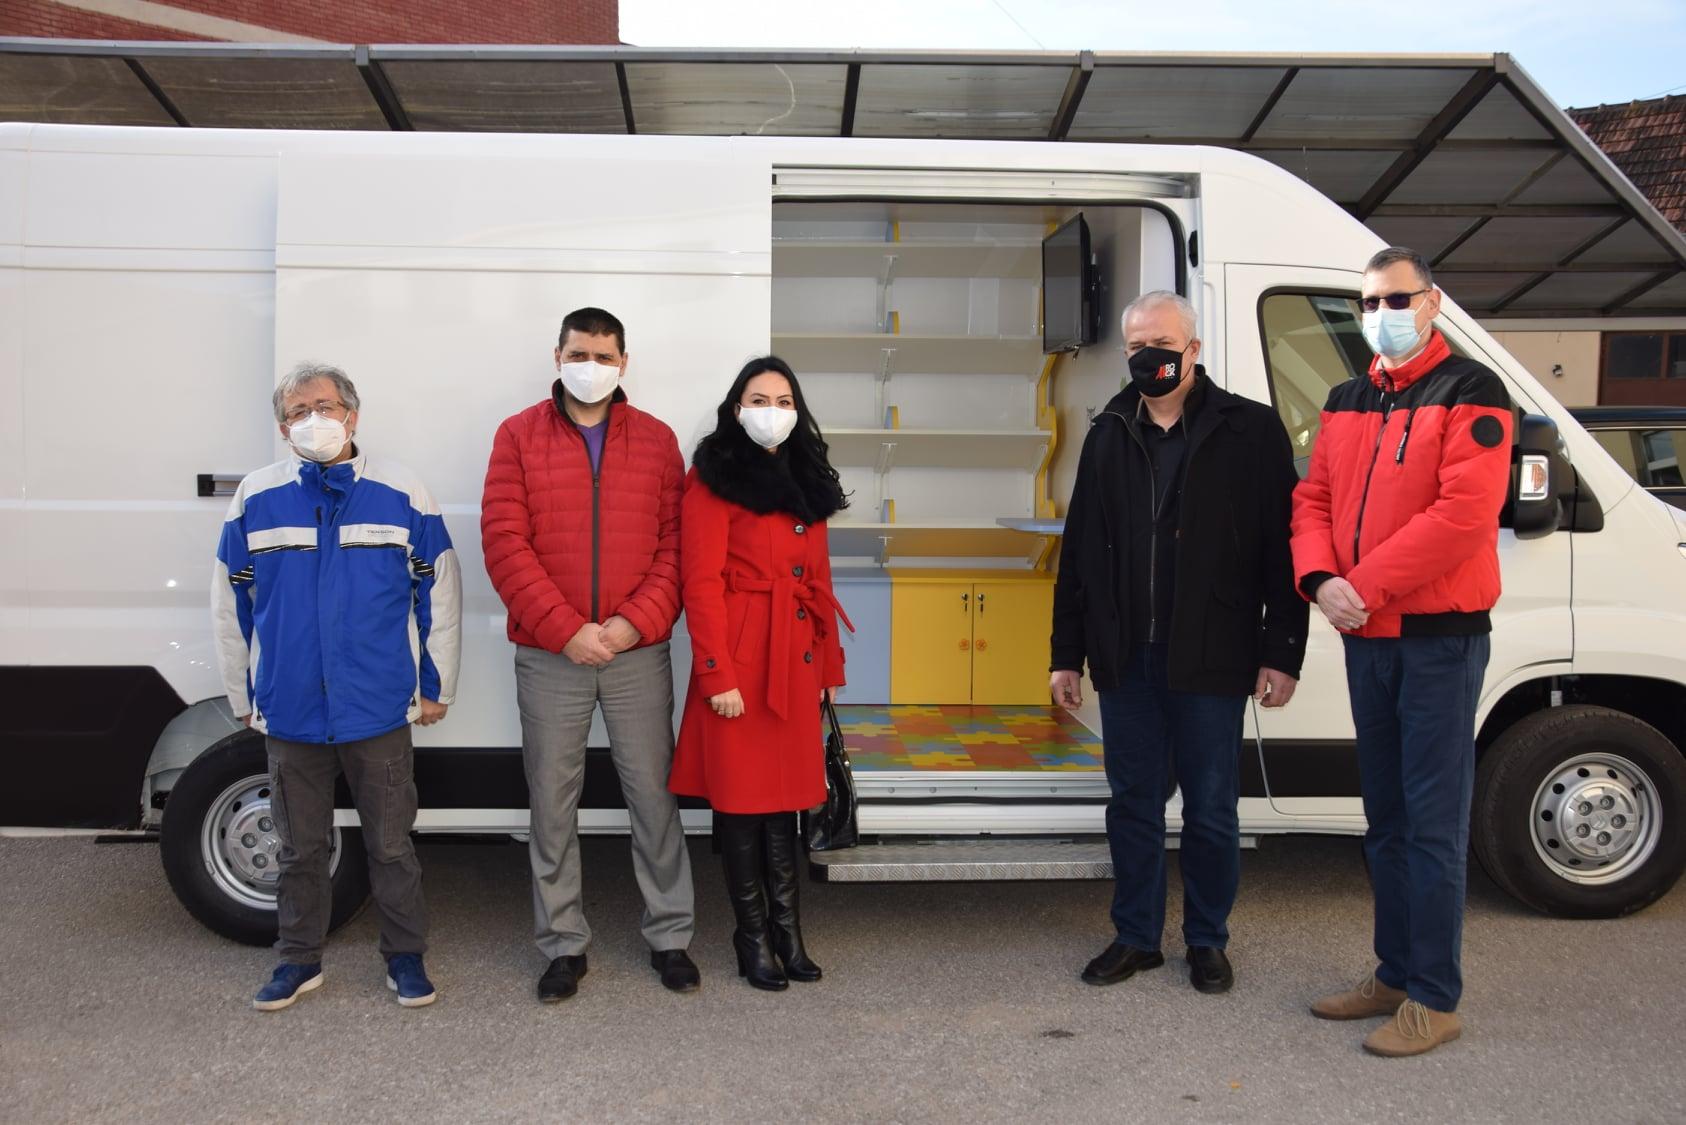 Fotografija preuzeta sa zvaničnog sajta Opštine Aleksinac, aleksinac.org